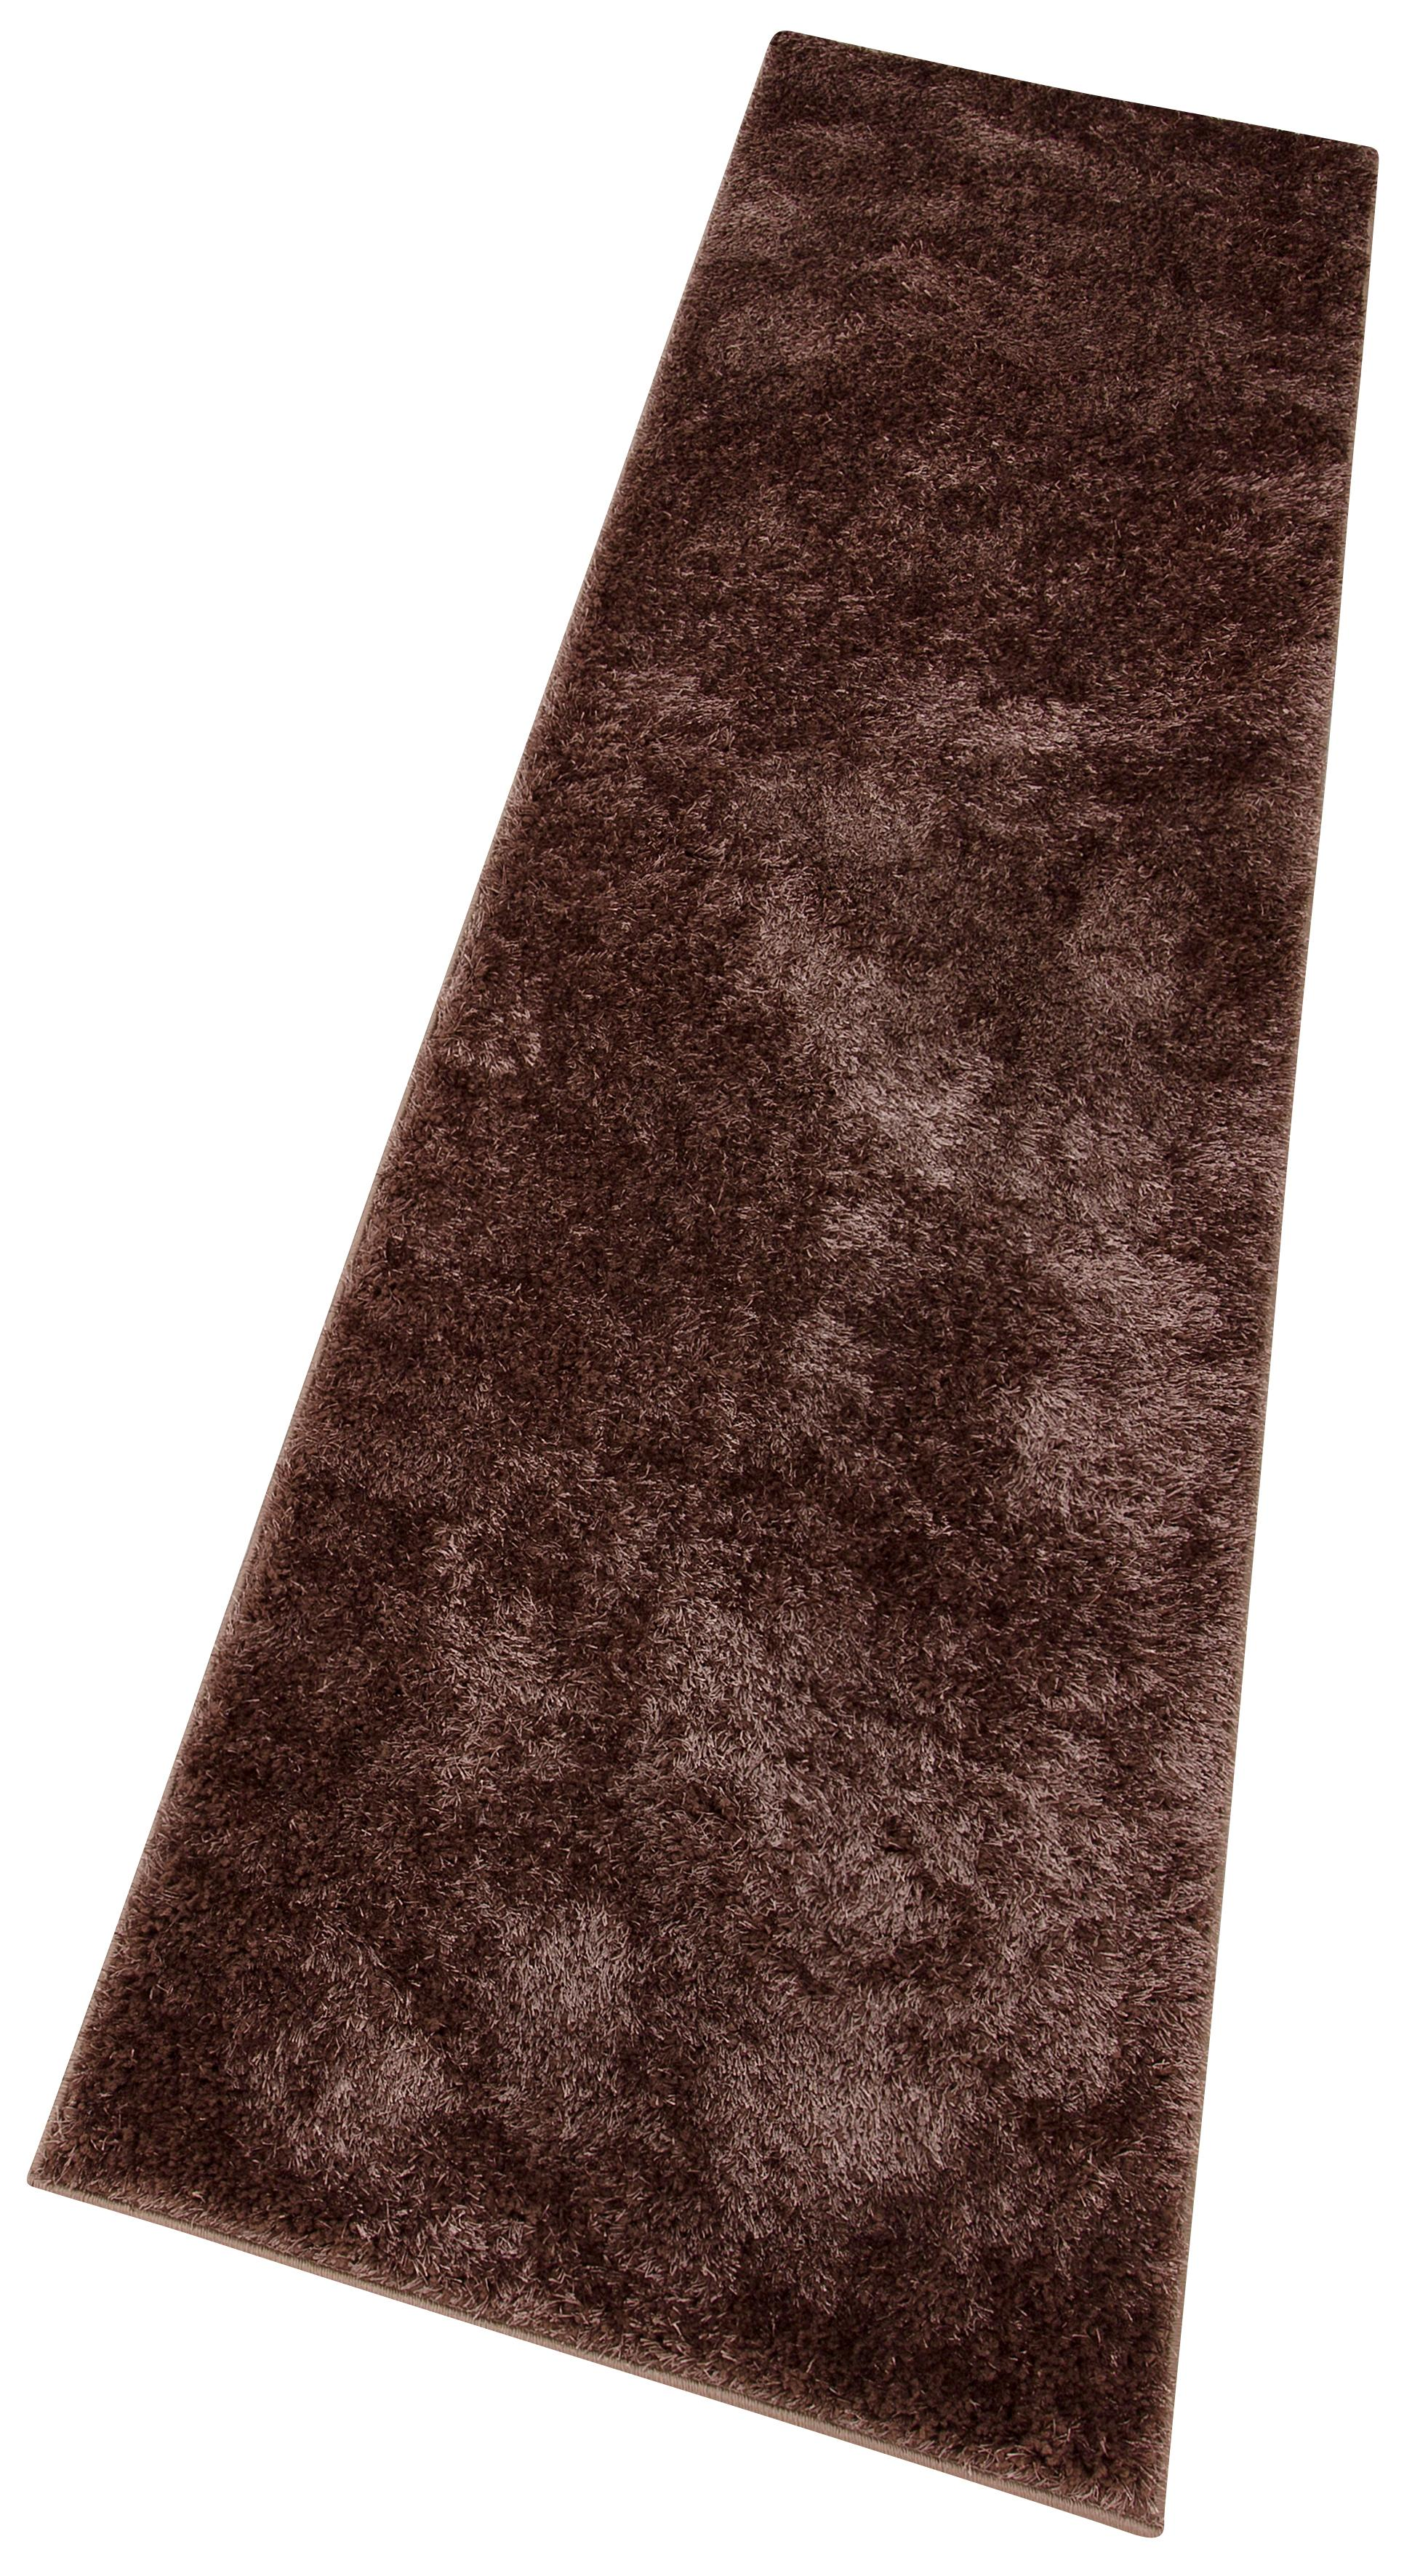 Hochflor-Läufer Mikro Soft Ideal my home rechteckig Höhe 30 mm maschinell gewebt